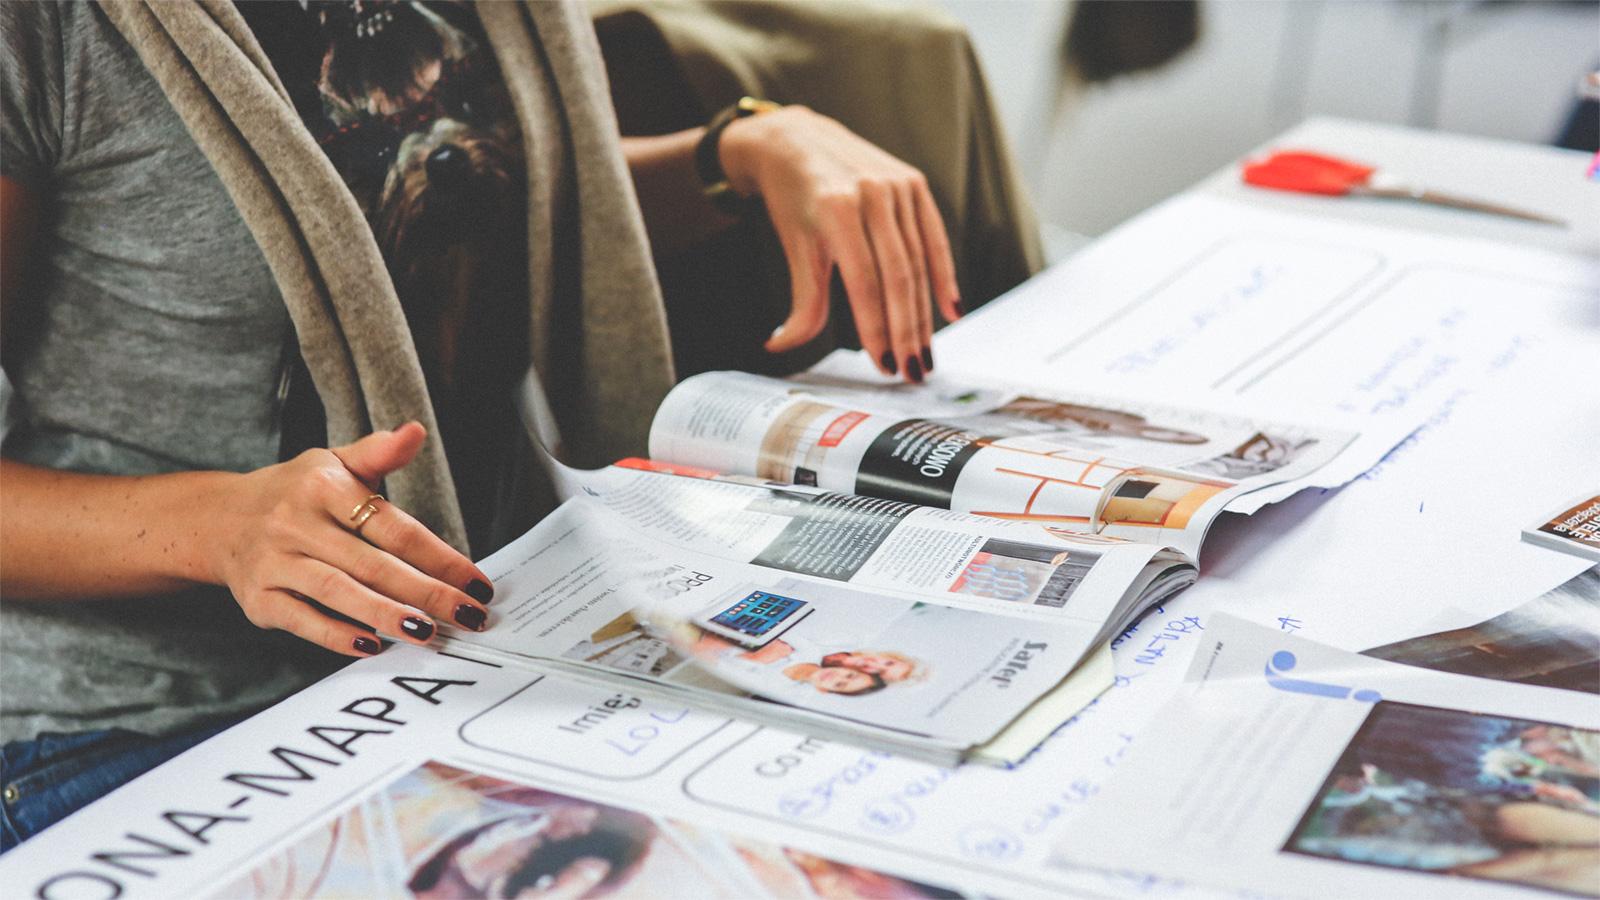 agentur weissraum grafenau ausbildungsplatz Mediengestalter magazine print